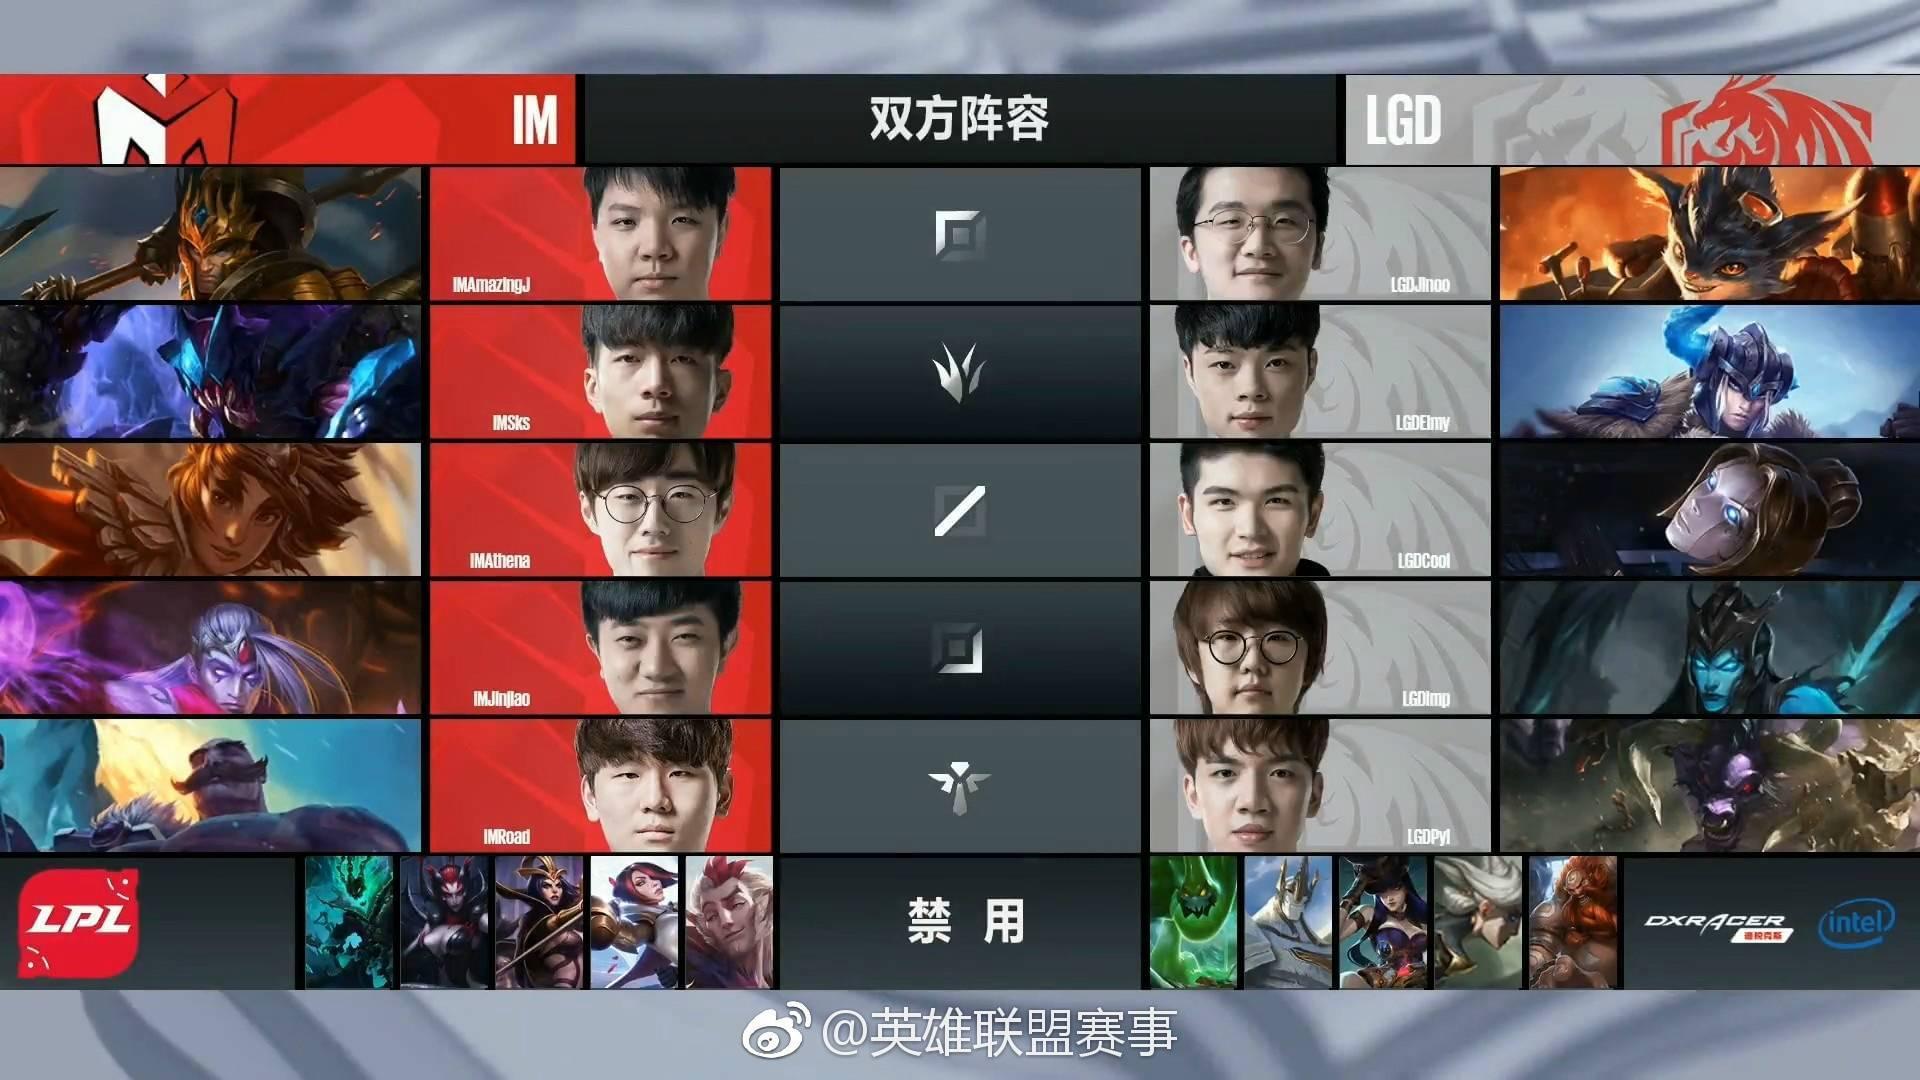 英雄联盟LPL夏季赛:LGD开始发力 2:0轻松胜IMay